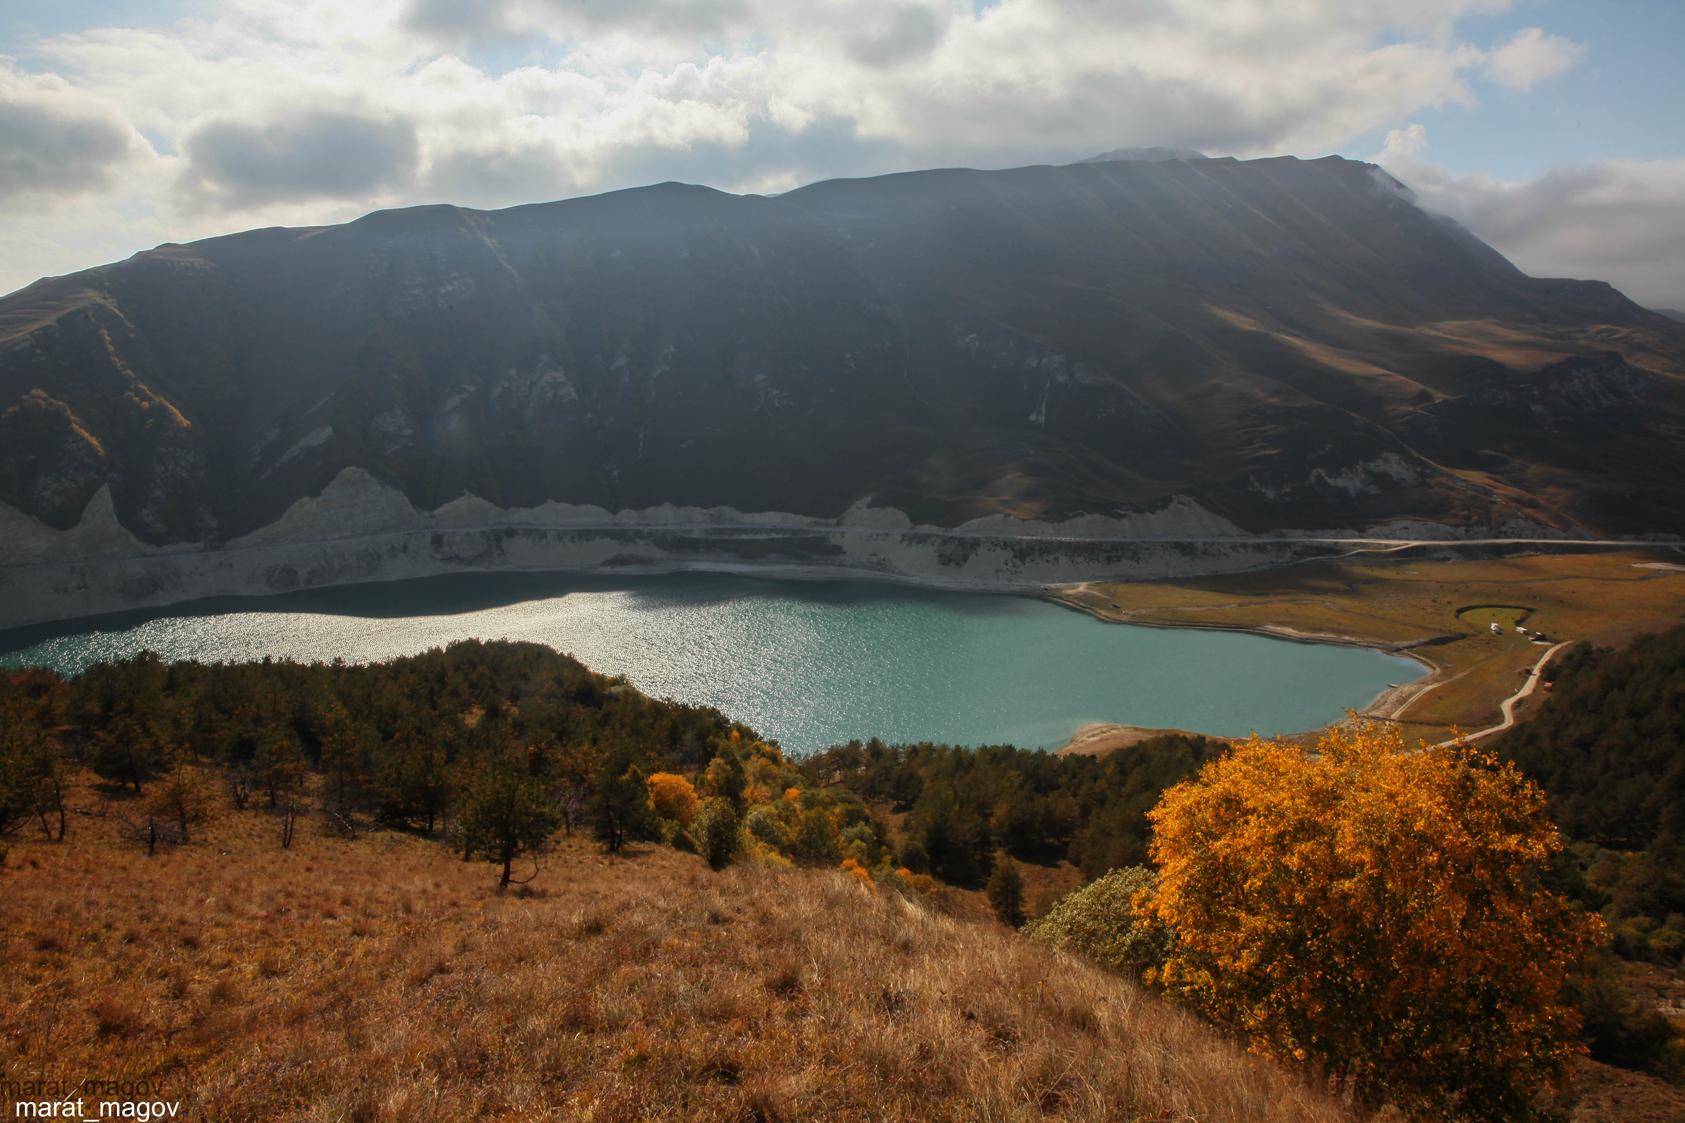 казеной ам,озеро,дагестан,чечня,, Magov Marat